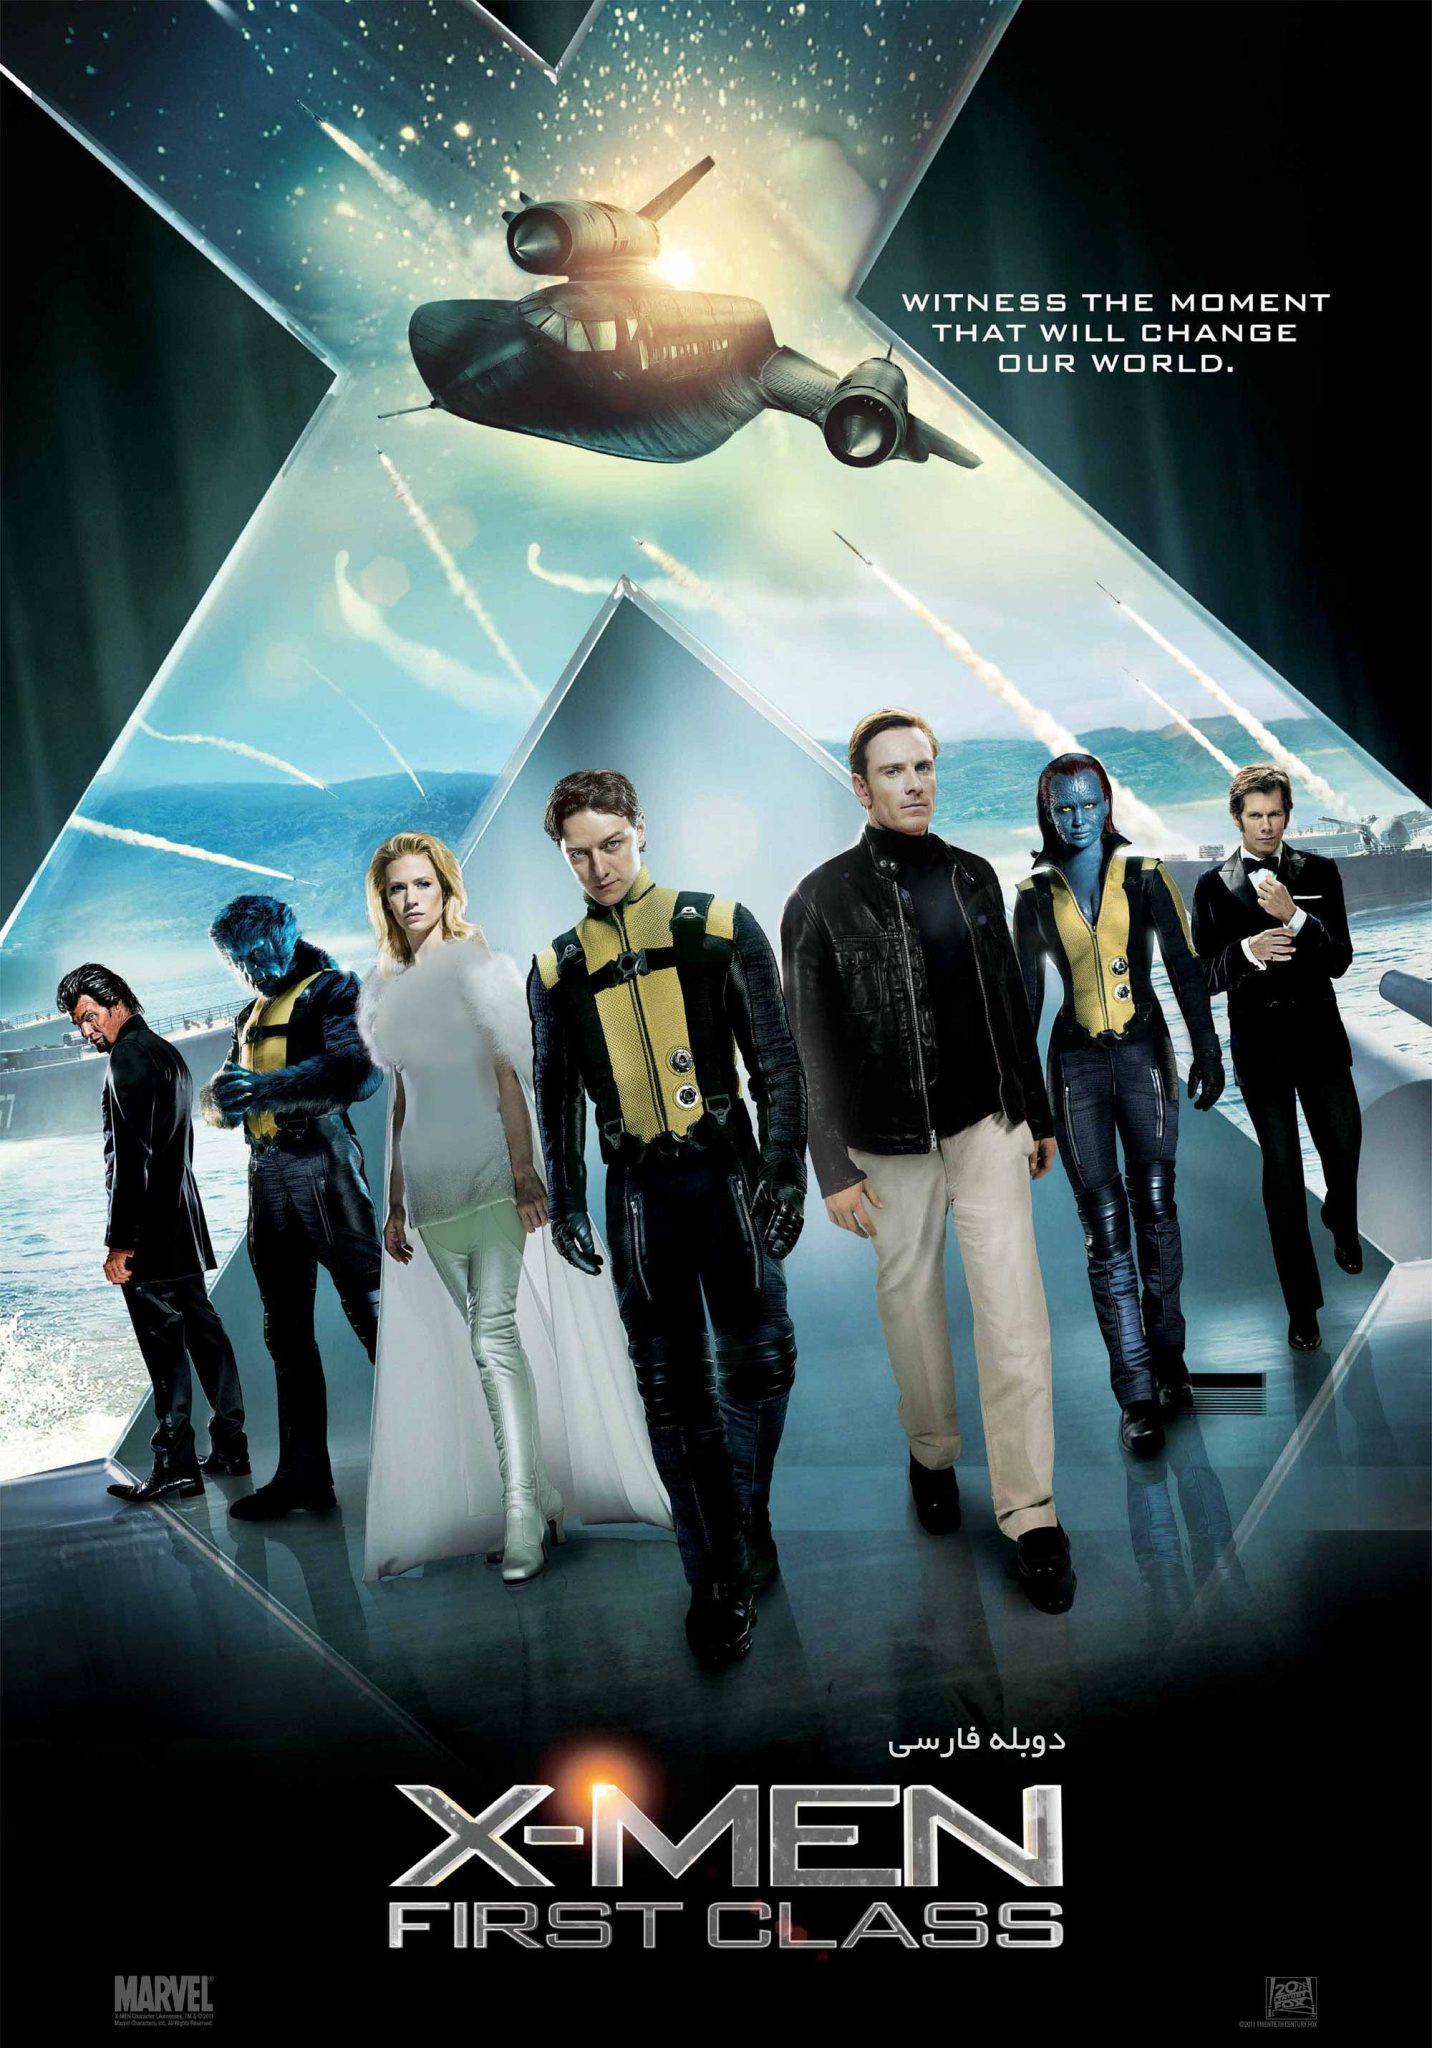 دانلود فیلم مردان ایکس X-Men First Class - دانلود فیلم مردان ایکس X-Men First Class